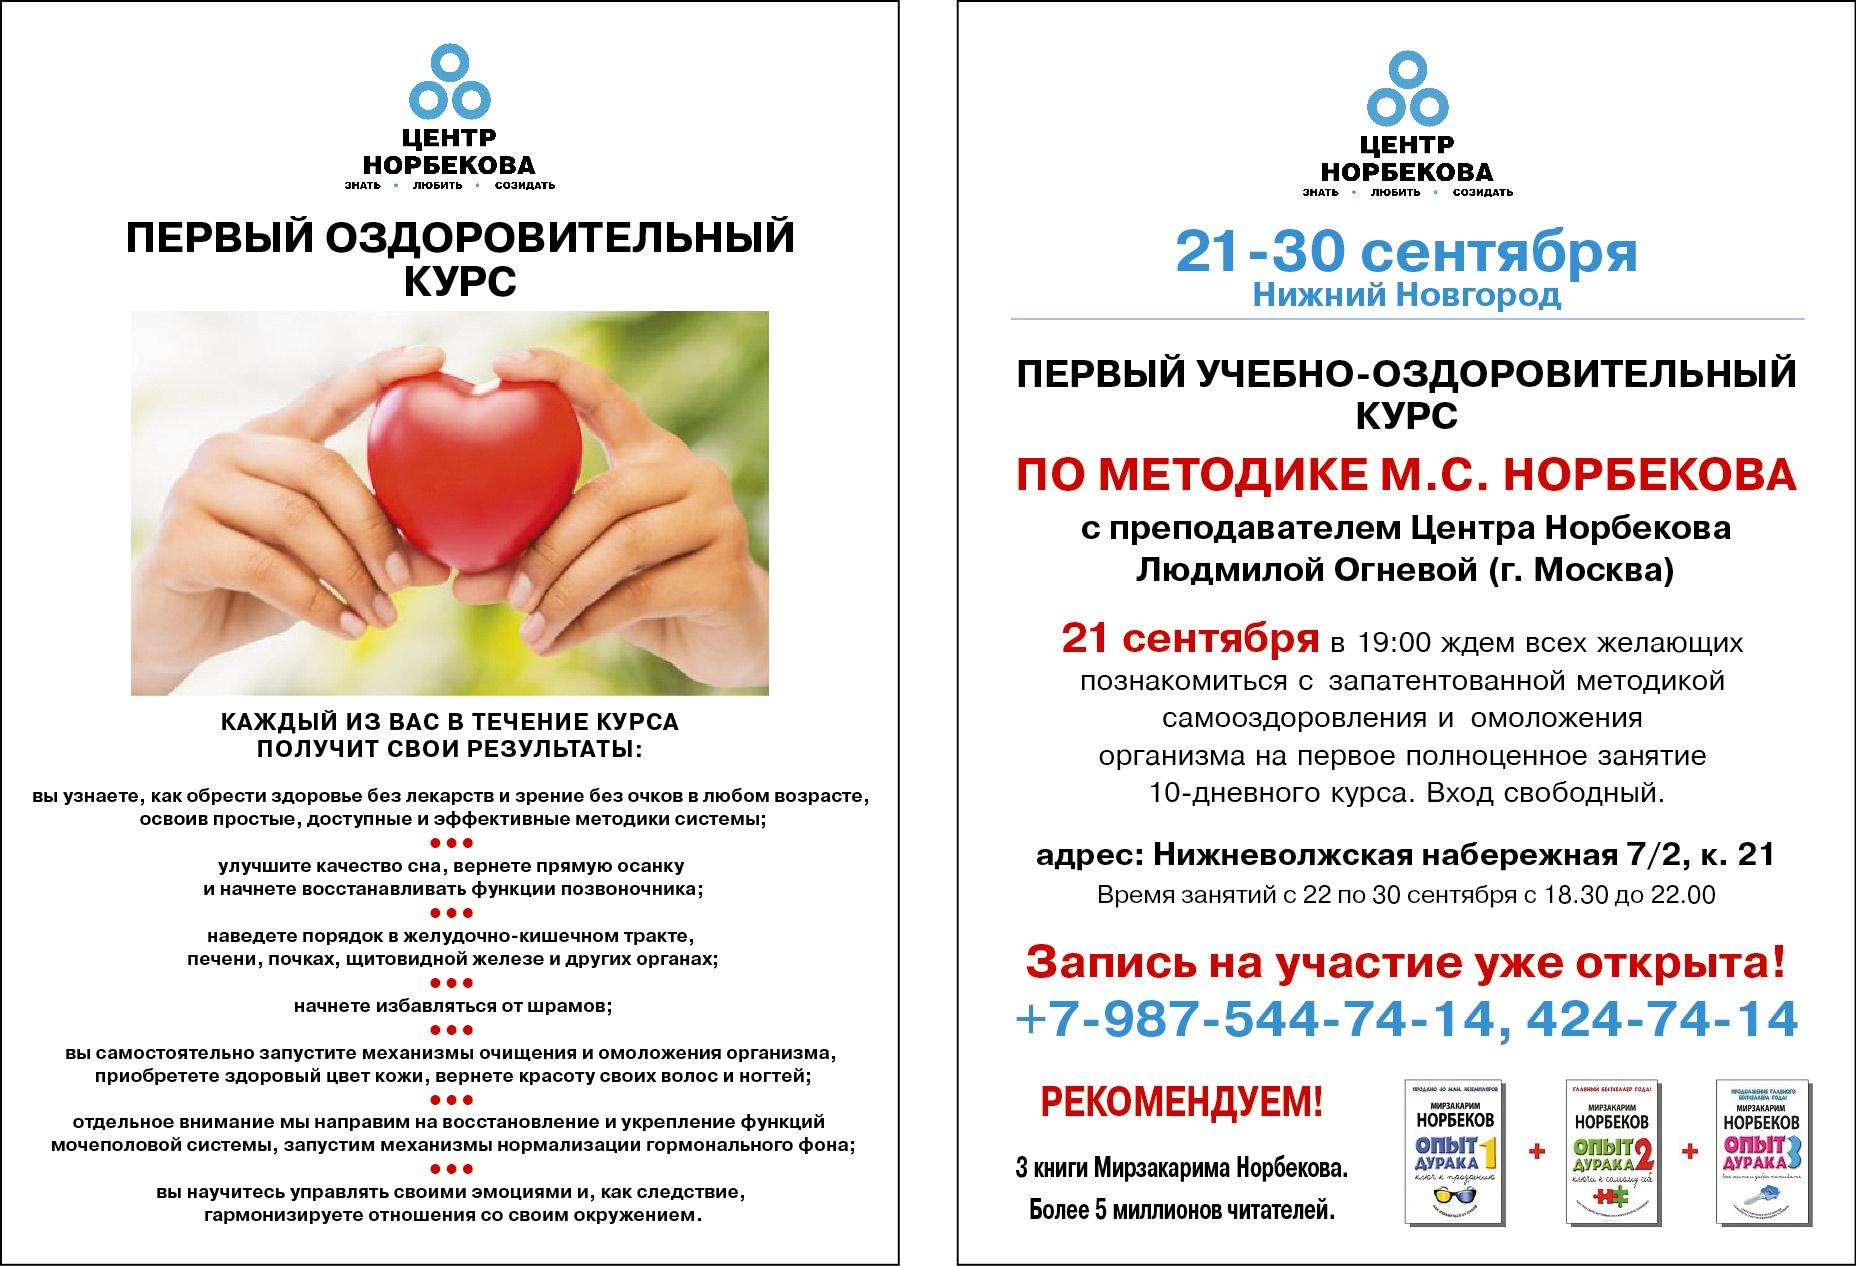 Центр Норбекова в Нижнем Новгороде с 21 по 30 сентября!